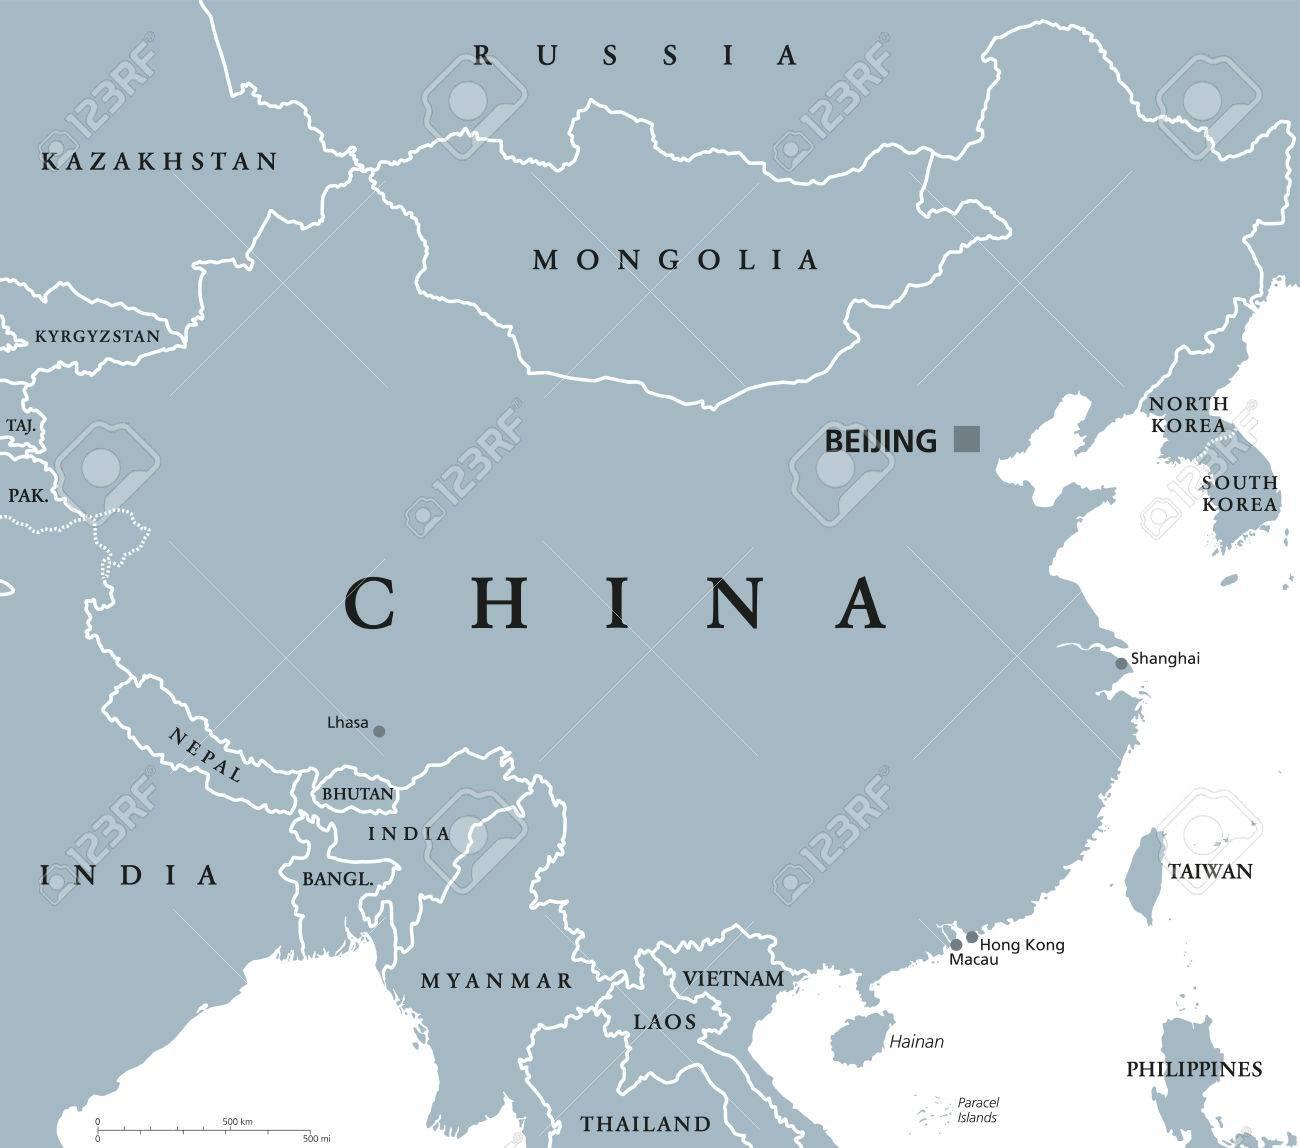 Carte Chine Frontiere.Carte Politique De La Chine Au Capital De Beijing Et Des Frontieres Nationales Republique Populaire En Asie De L Est Avec Shanghai Hong Kong Et